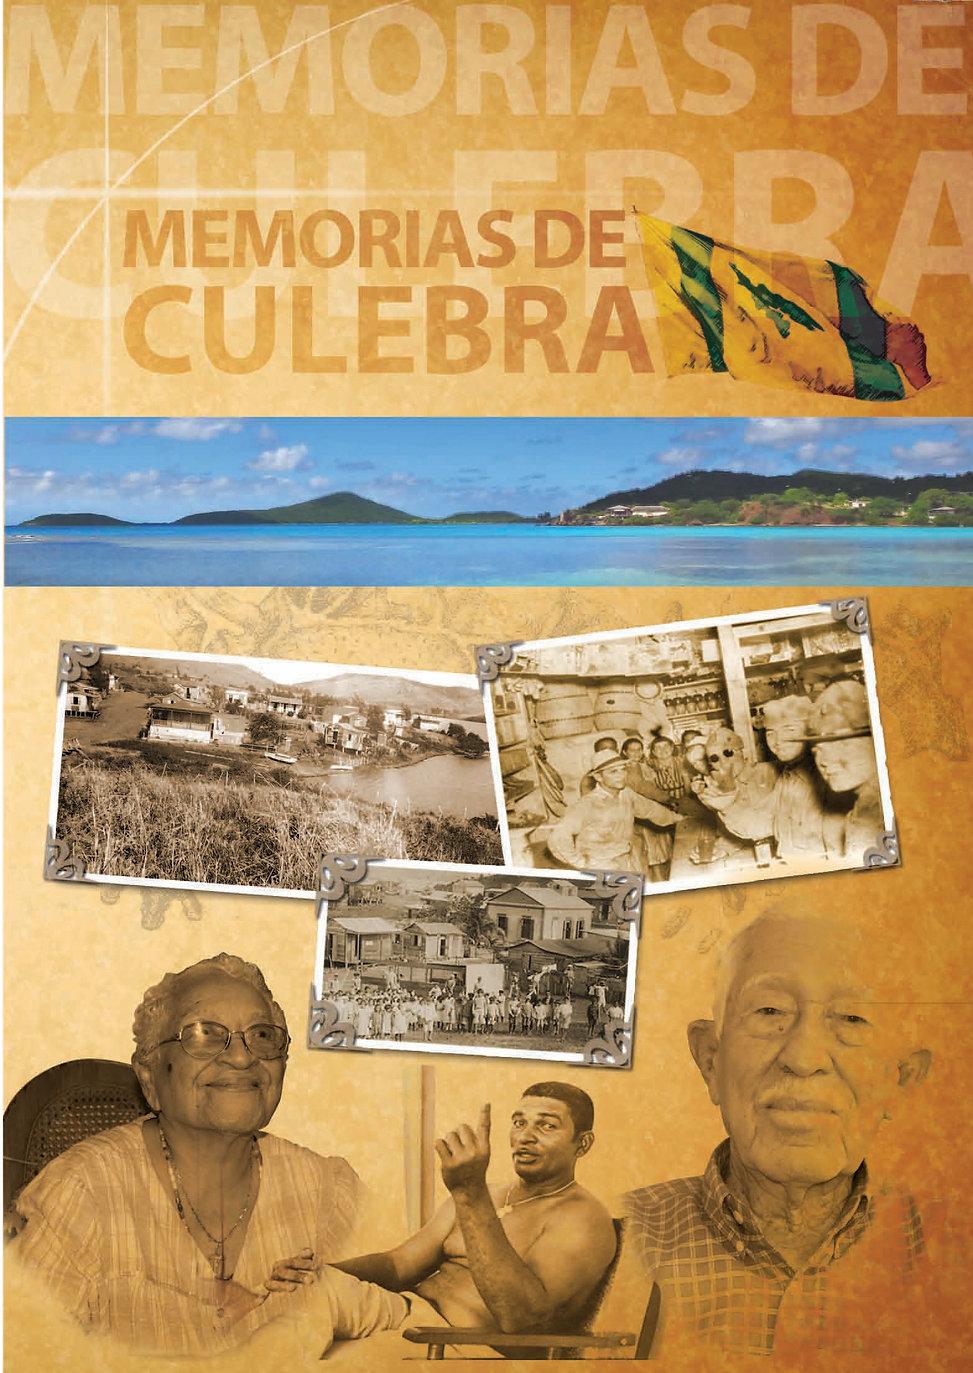 MemoriasCulebra_web 01.jpg